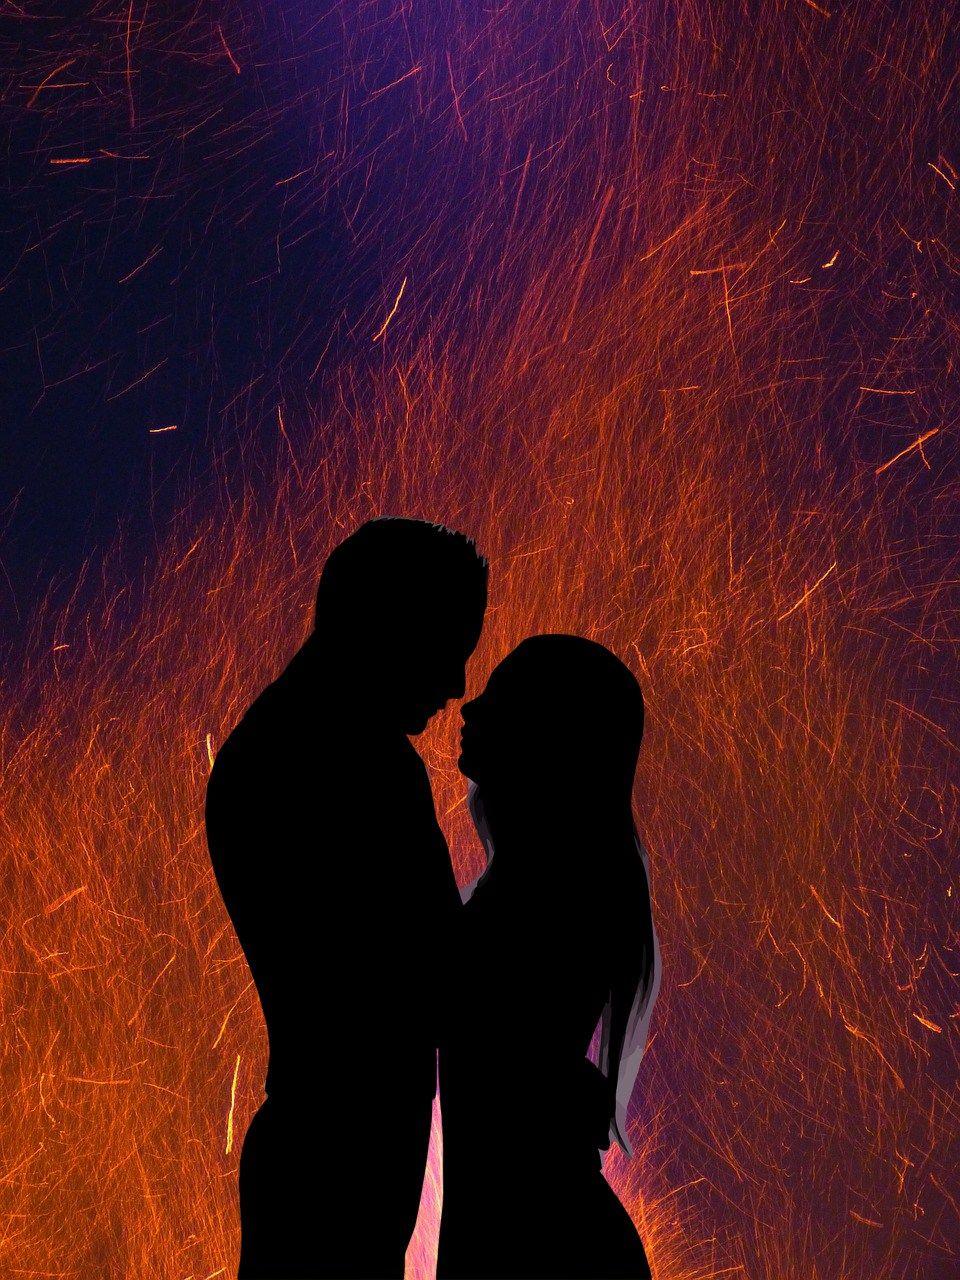 La Verite Vraie Sur Les Flammes Jumelles Twin Flame Human Silhouette Photo